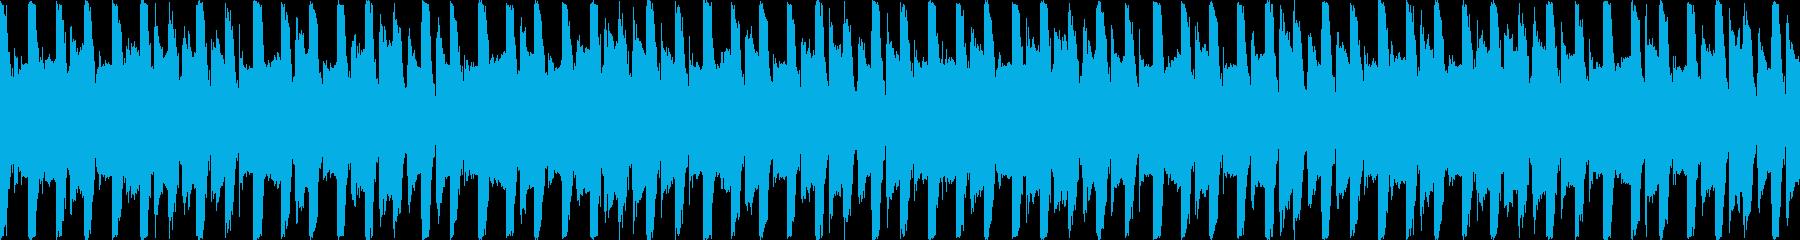 運動・フィットネス/30秒ループ曲4の再生済みの波形